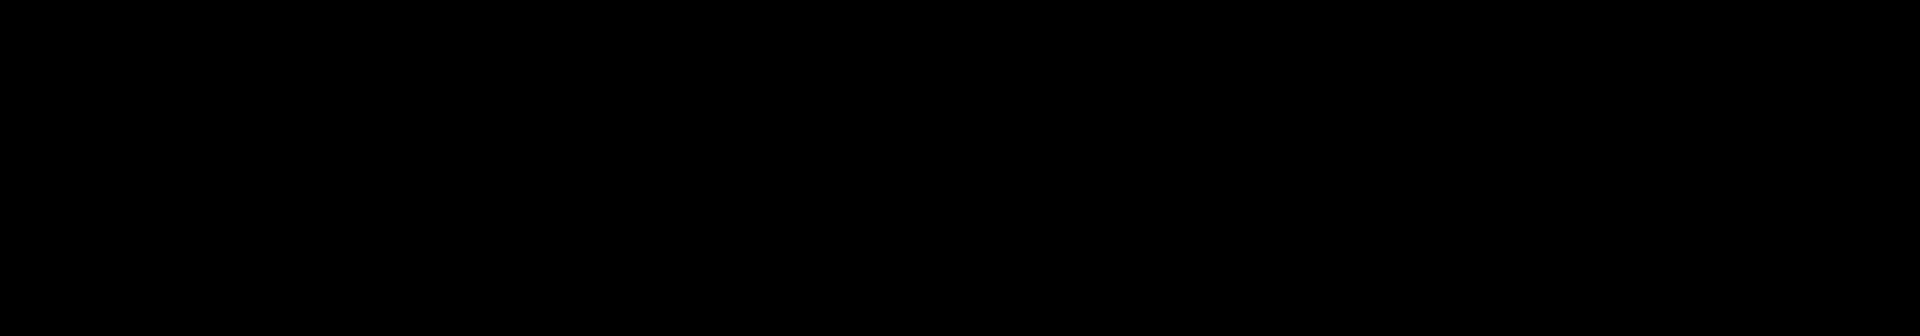 WillisAuto logo